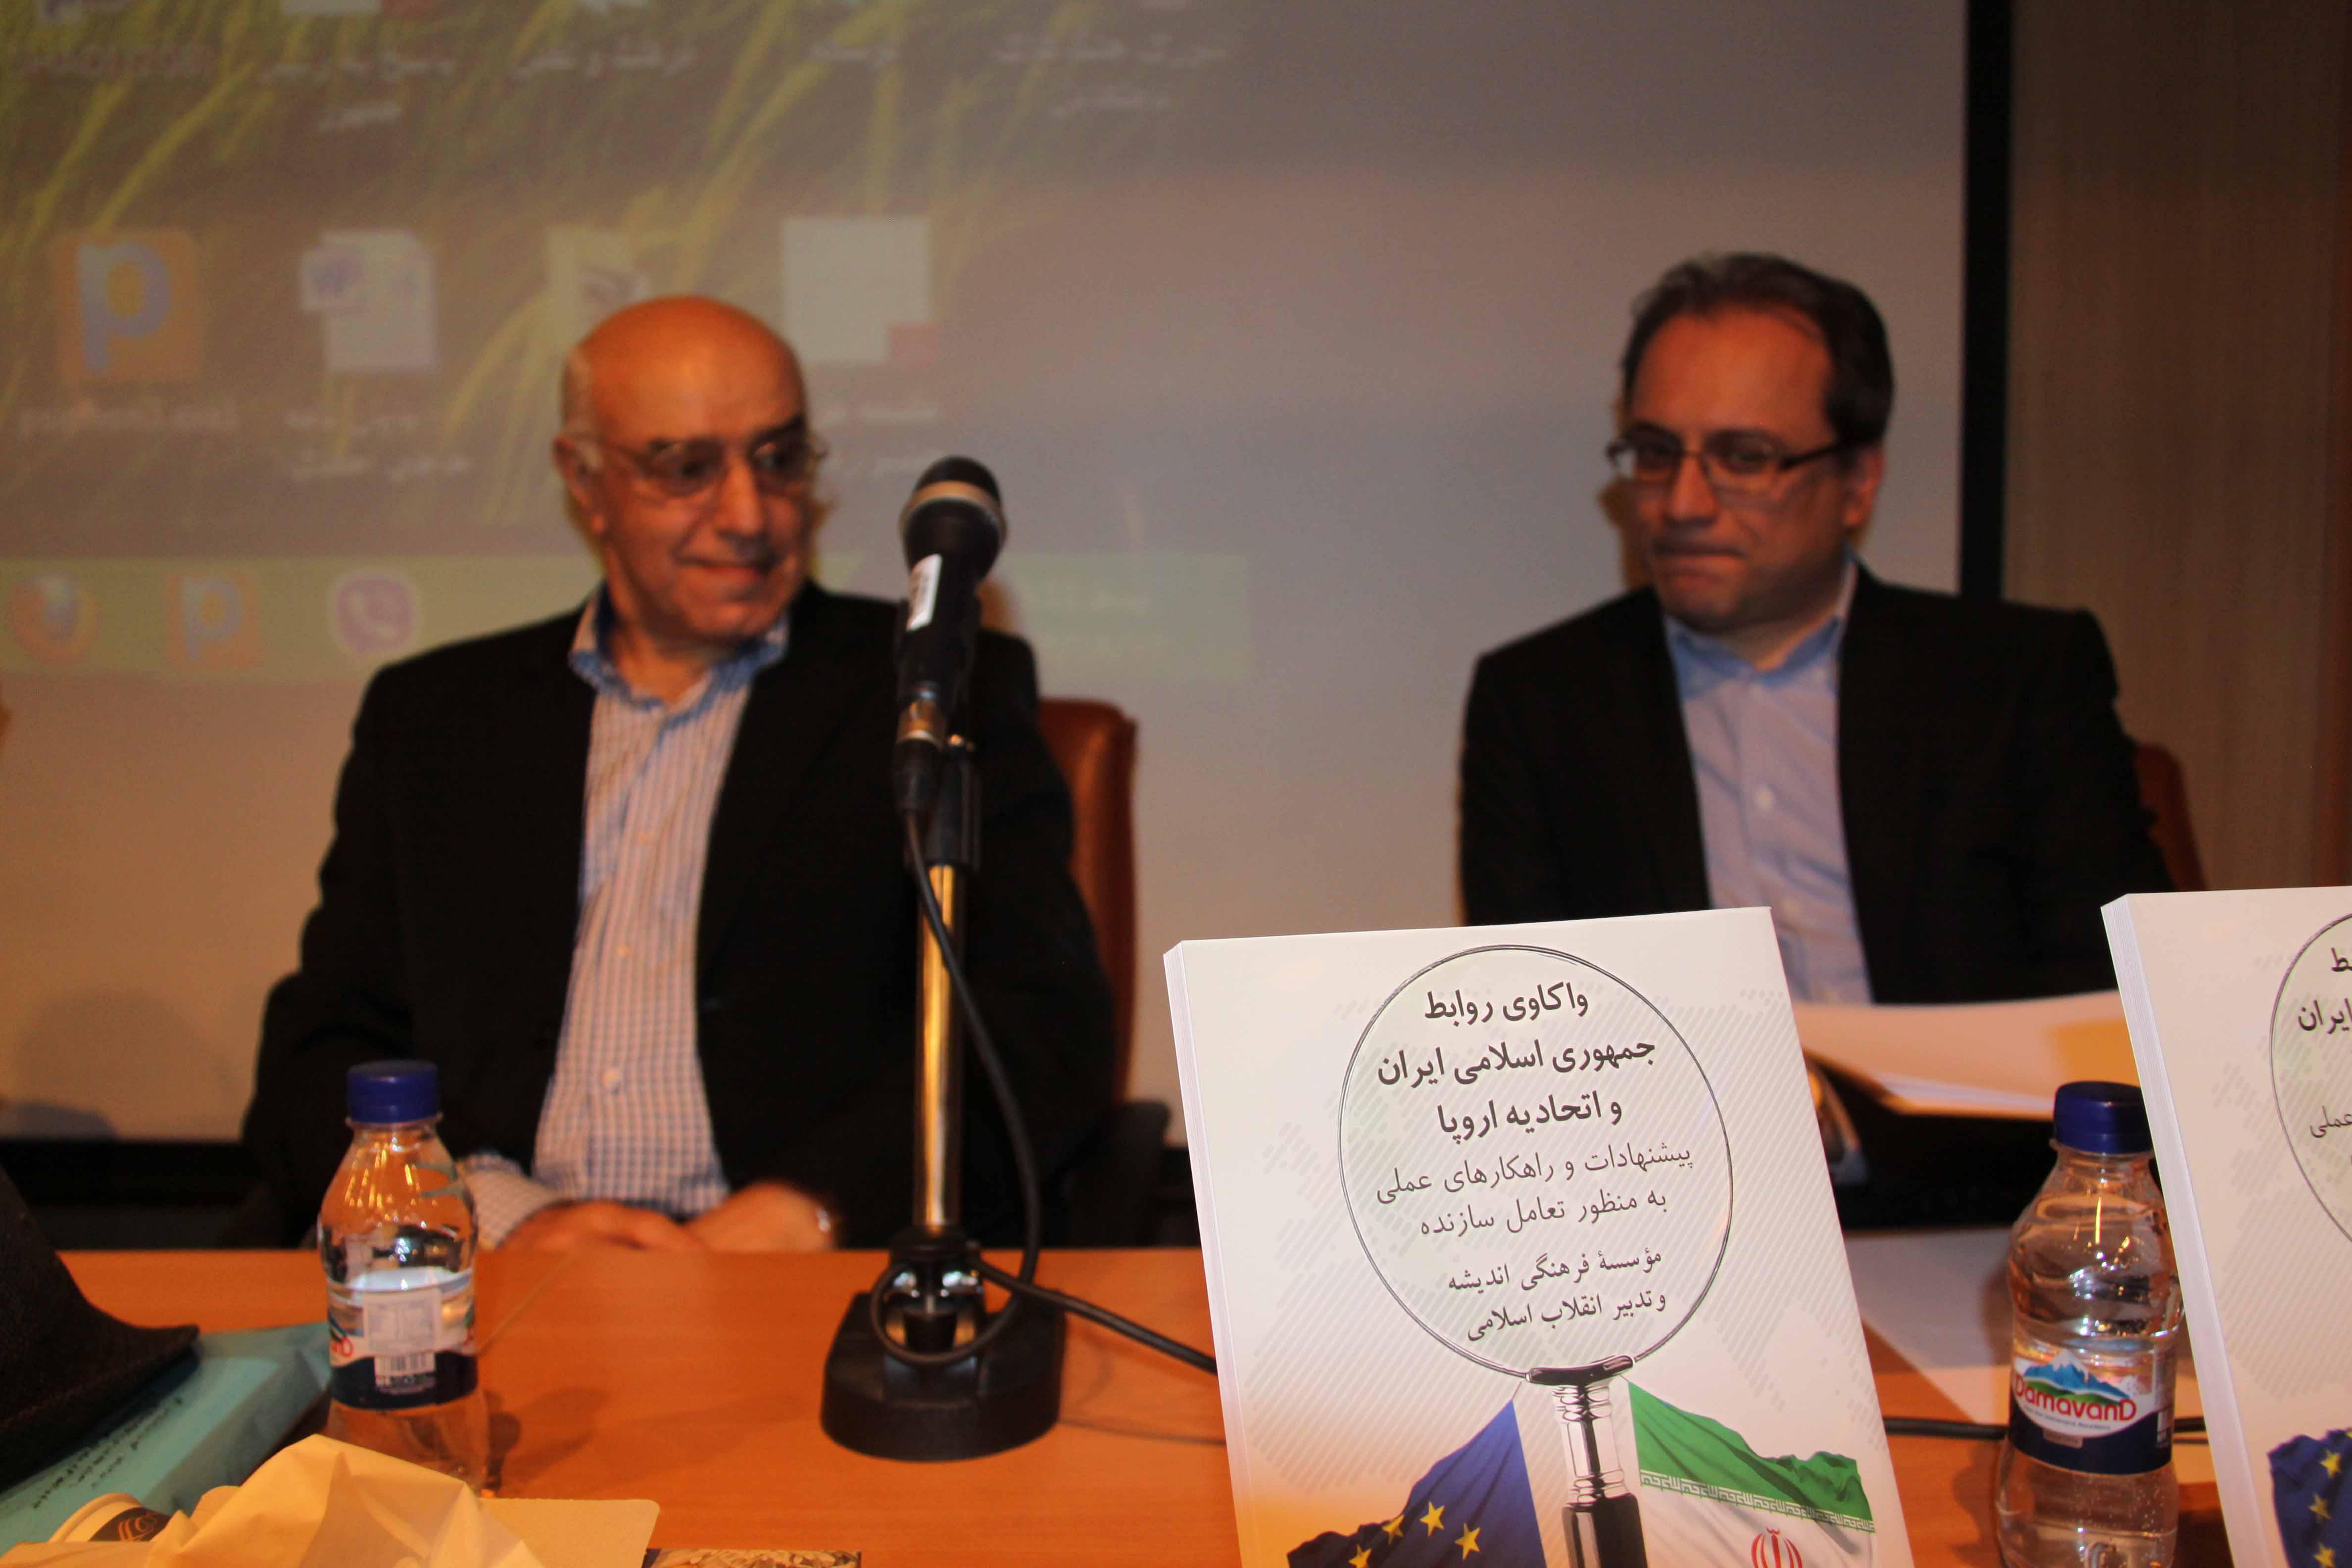 نشست بررسی سیاستهای اتحادیه اروپا/3 خرداد 94